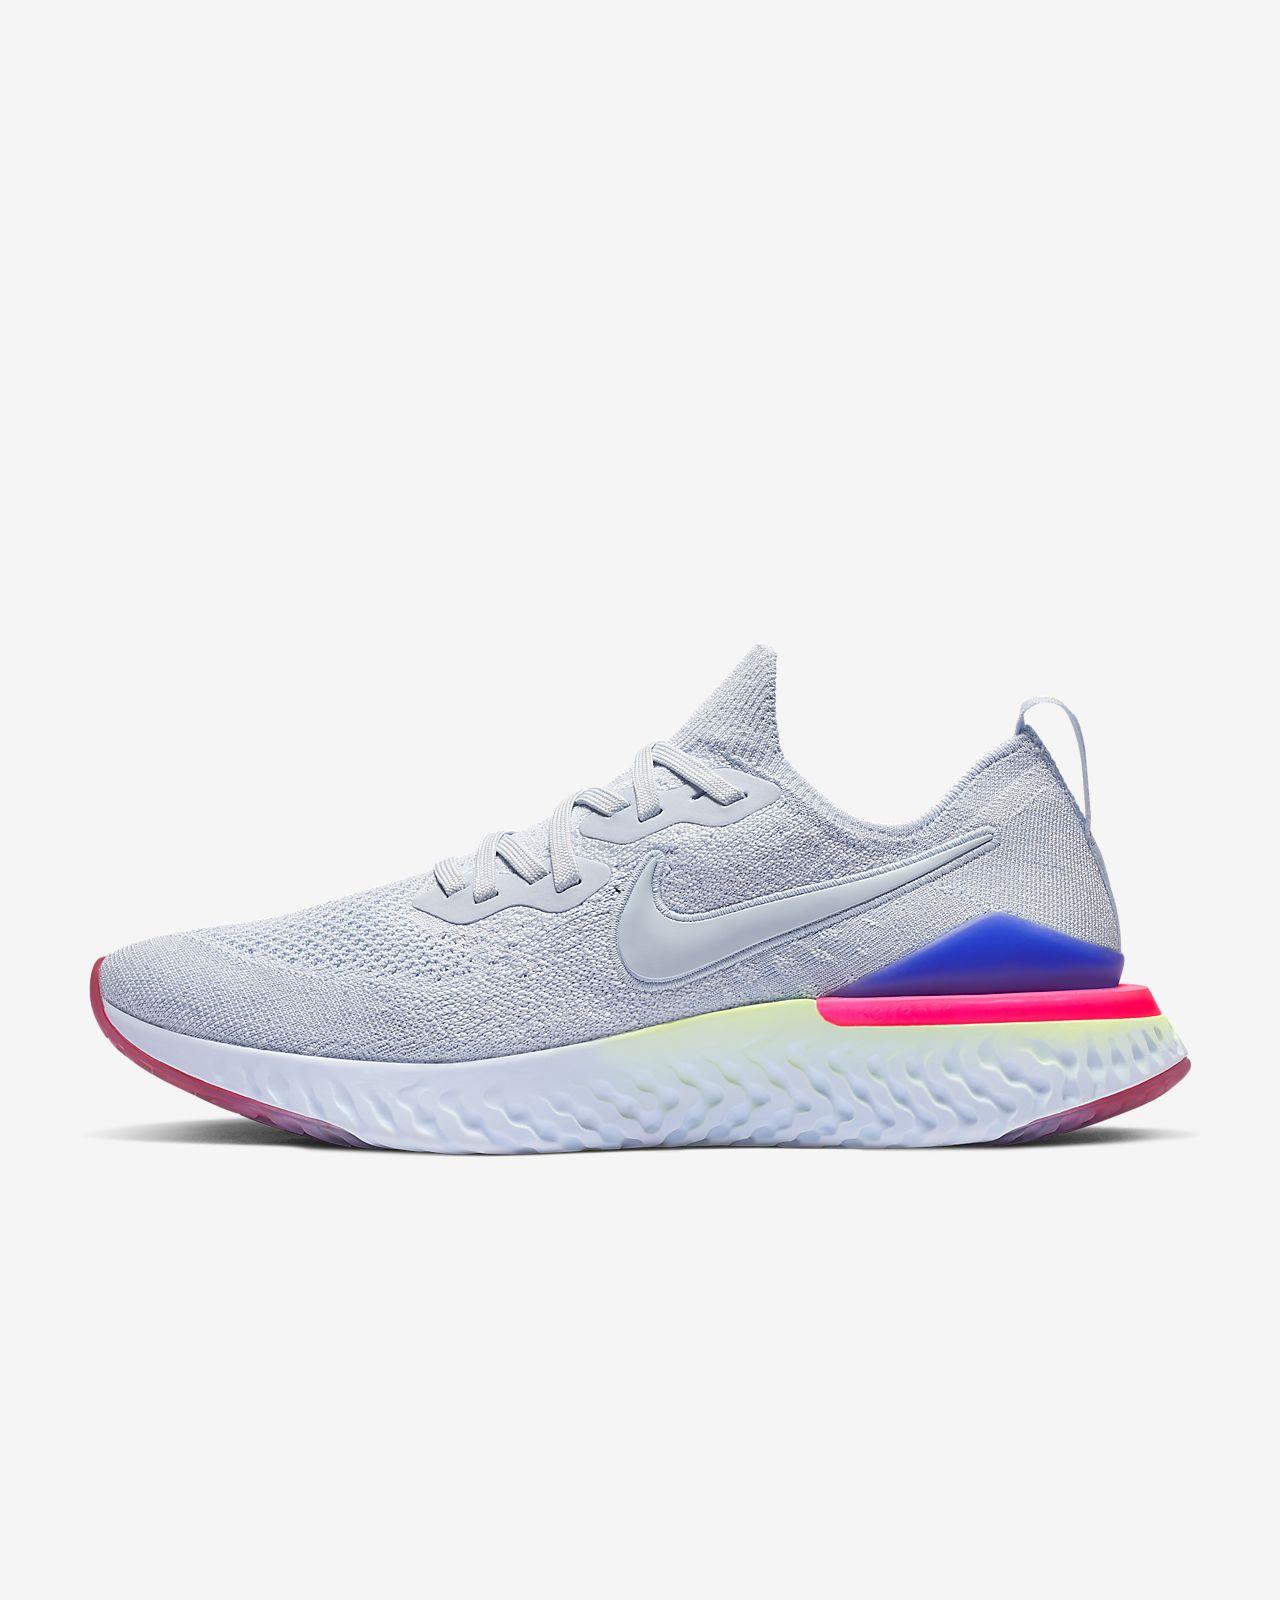 รองเท้าวิ่งผู้ชาย Nike Epic React Flyknit 2